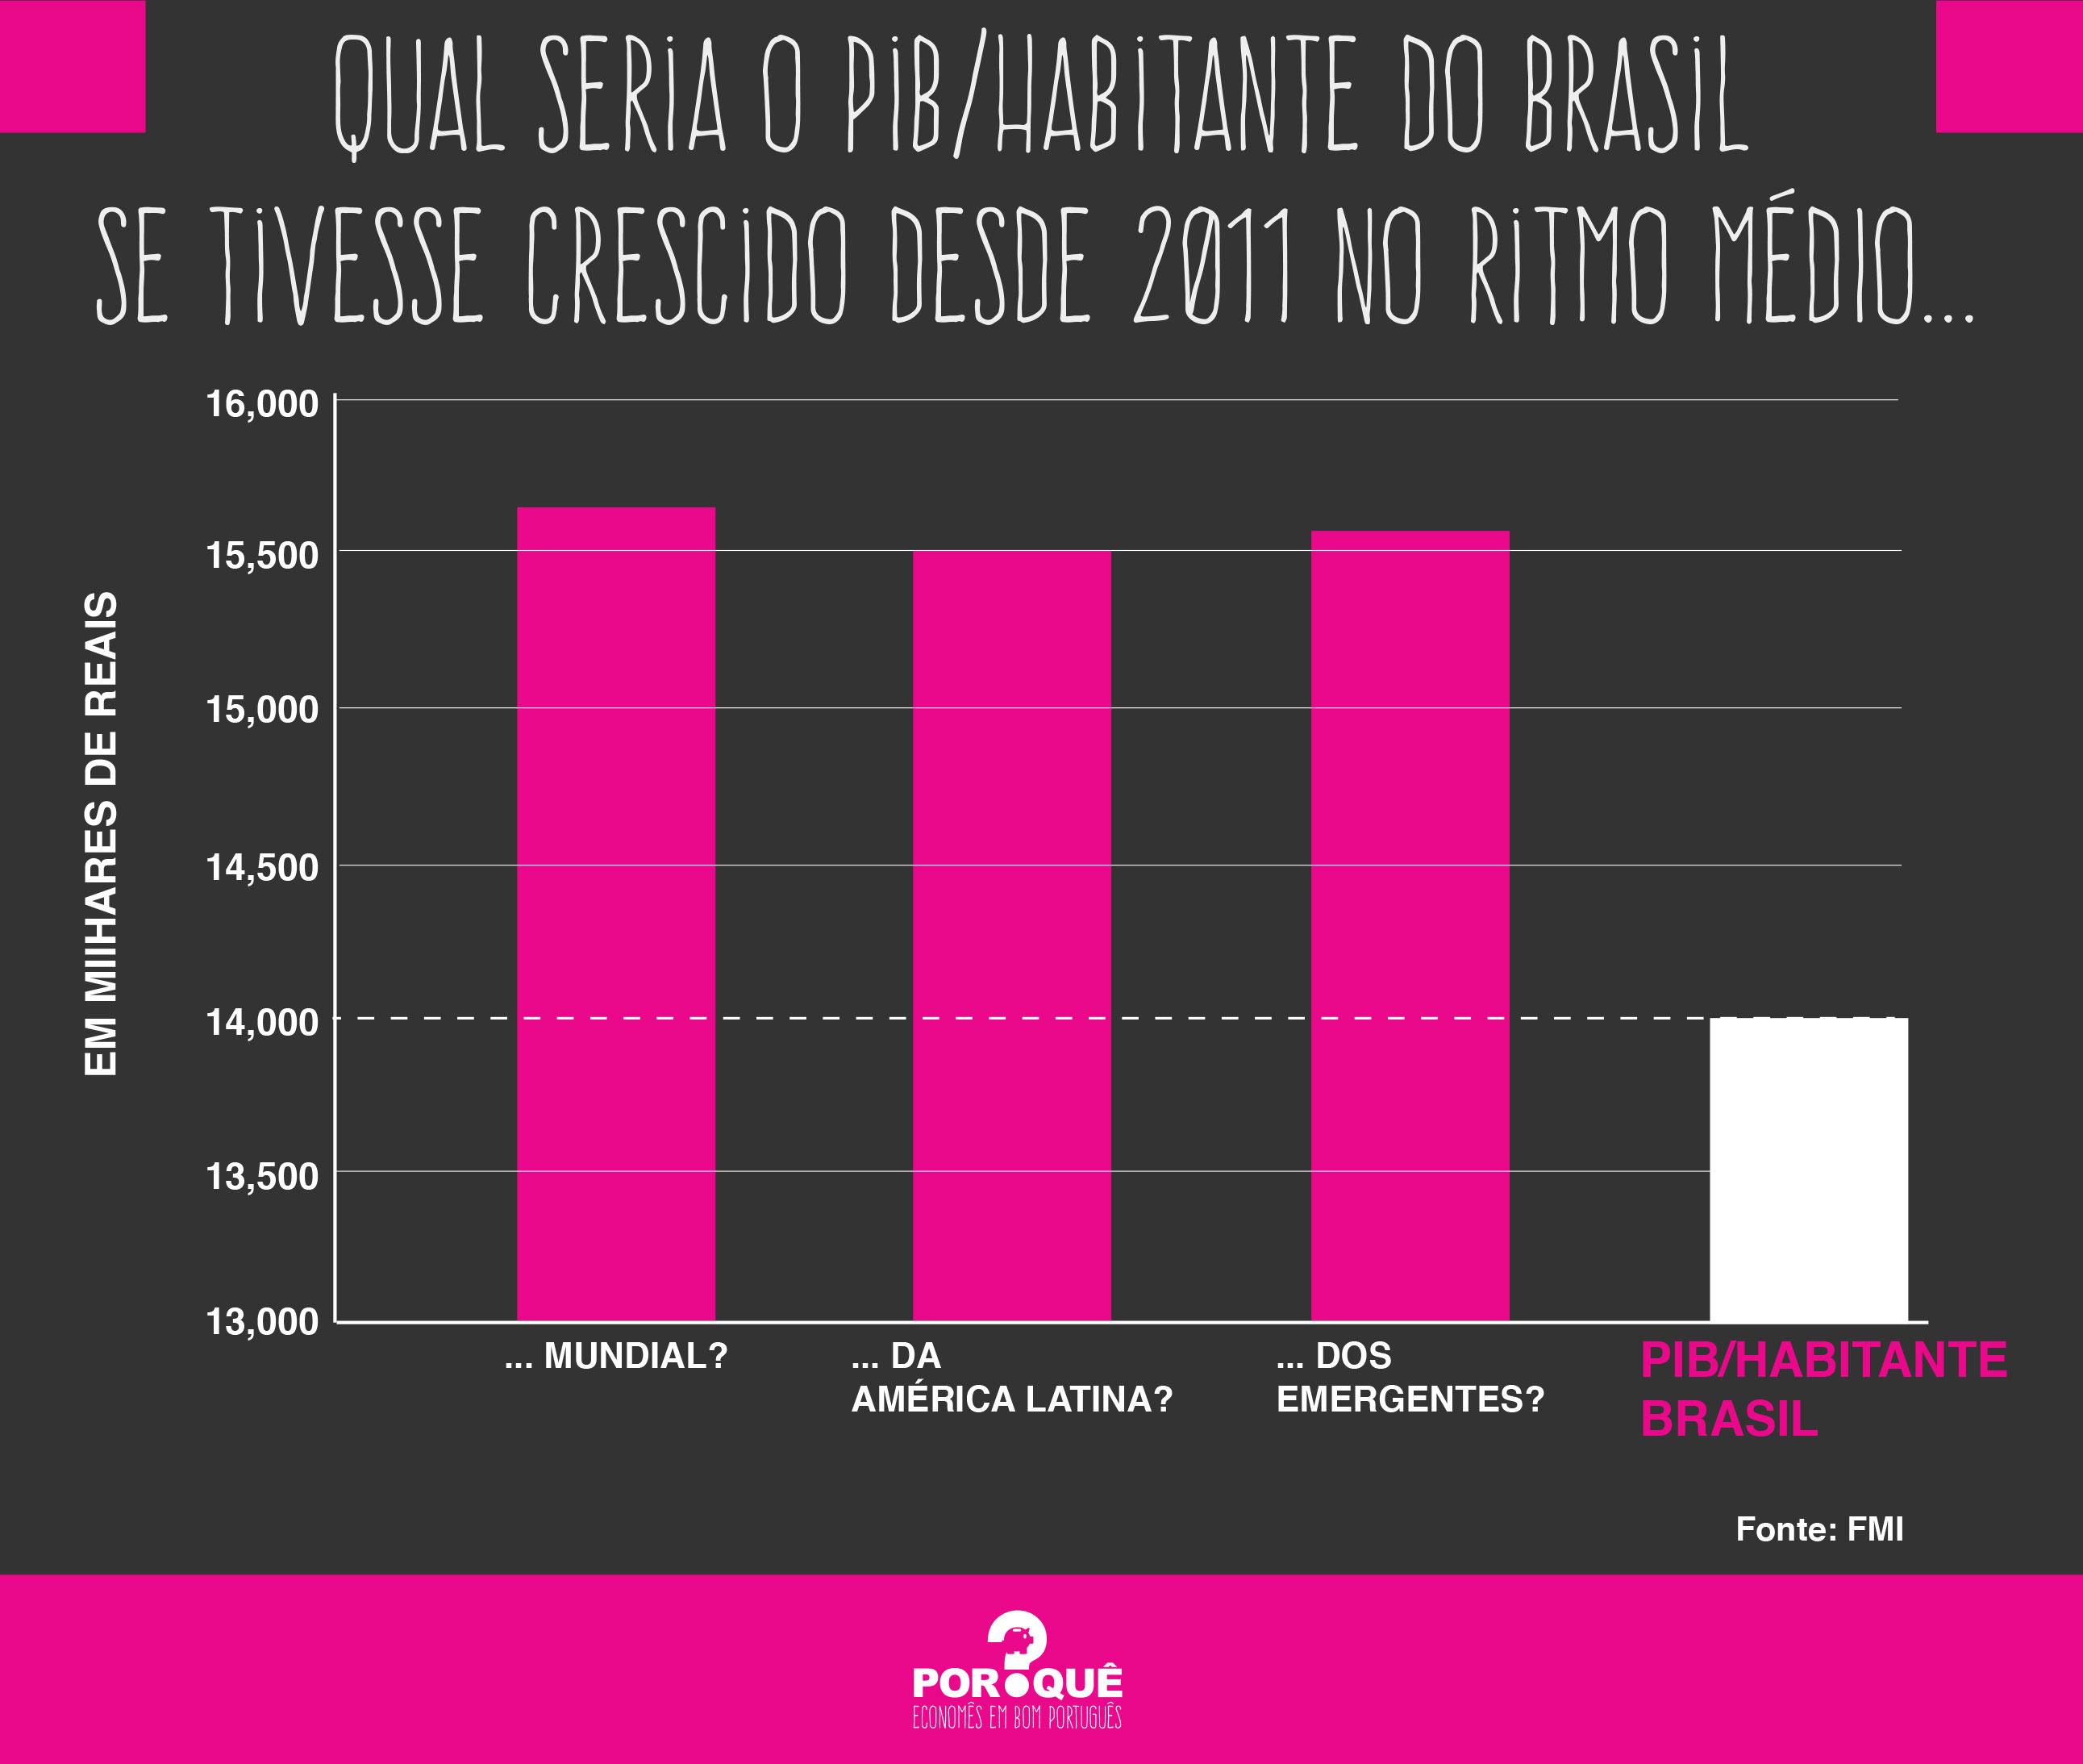 qual seria o pib por habitante do brasil se...